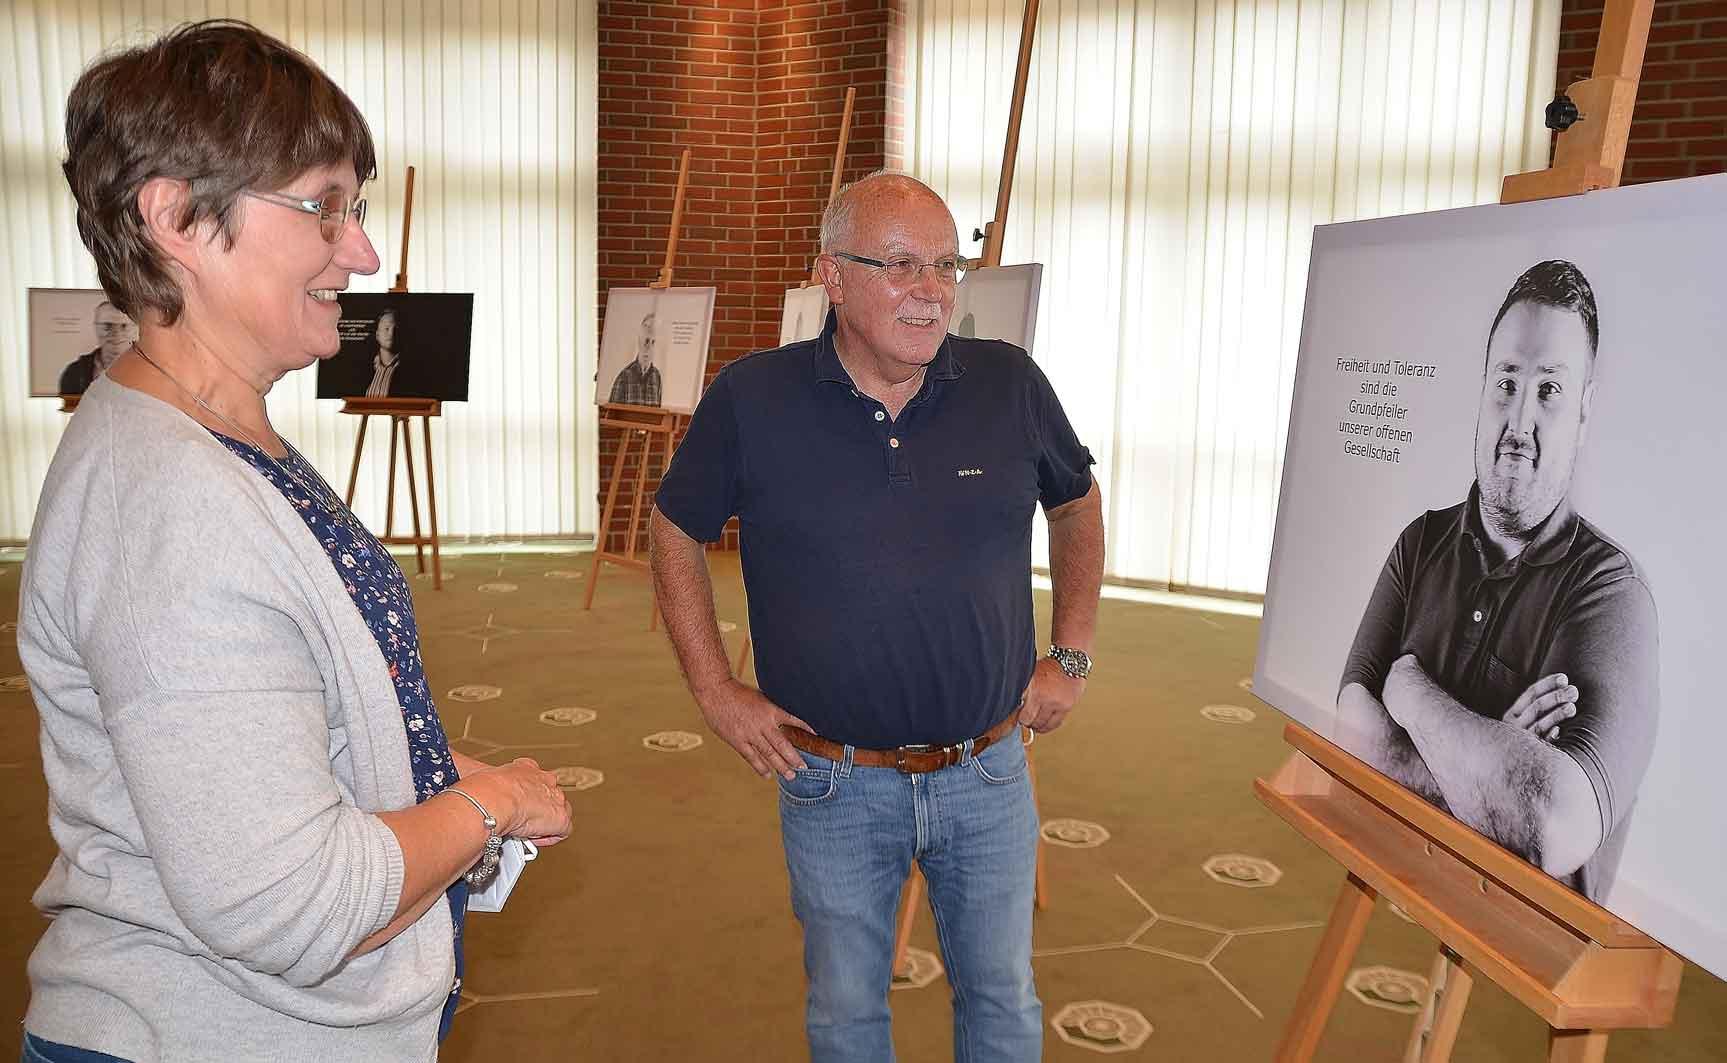 Ausstellung-gegen-rechts-Rathaus-Schermbeck-Bremer